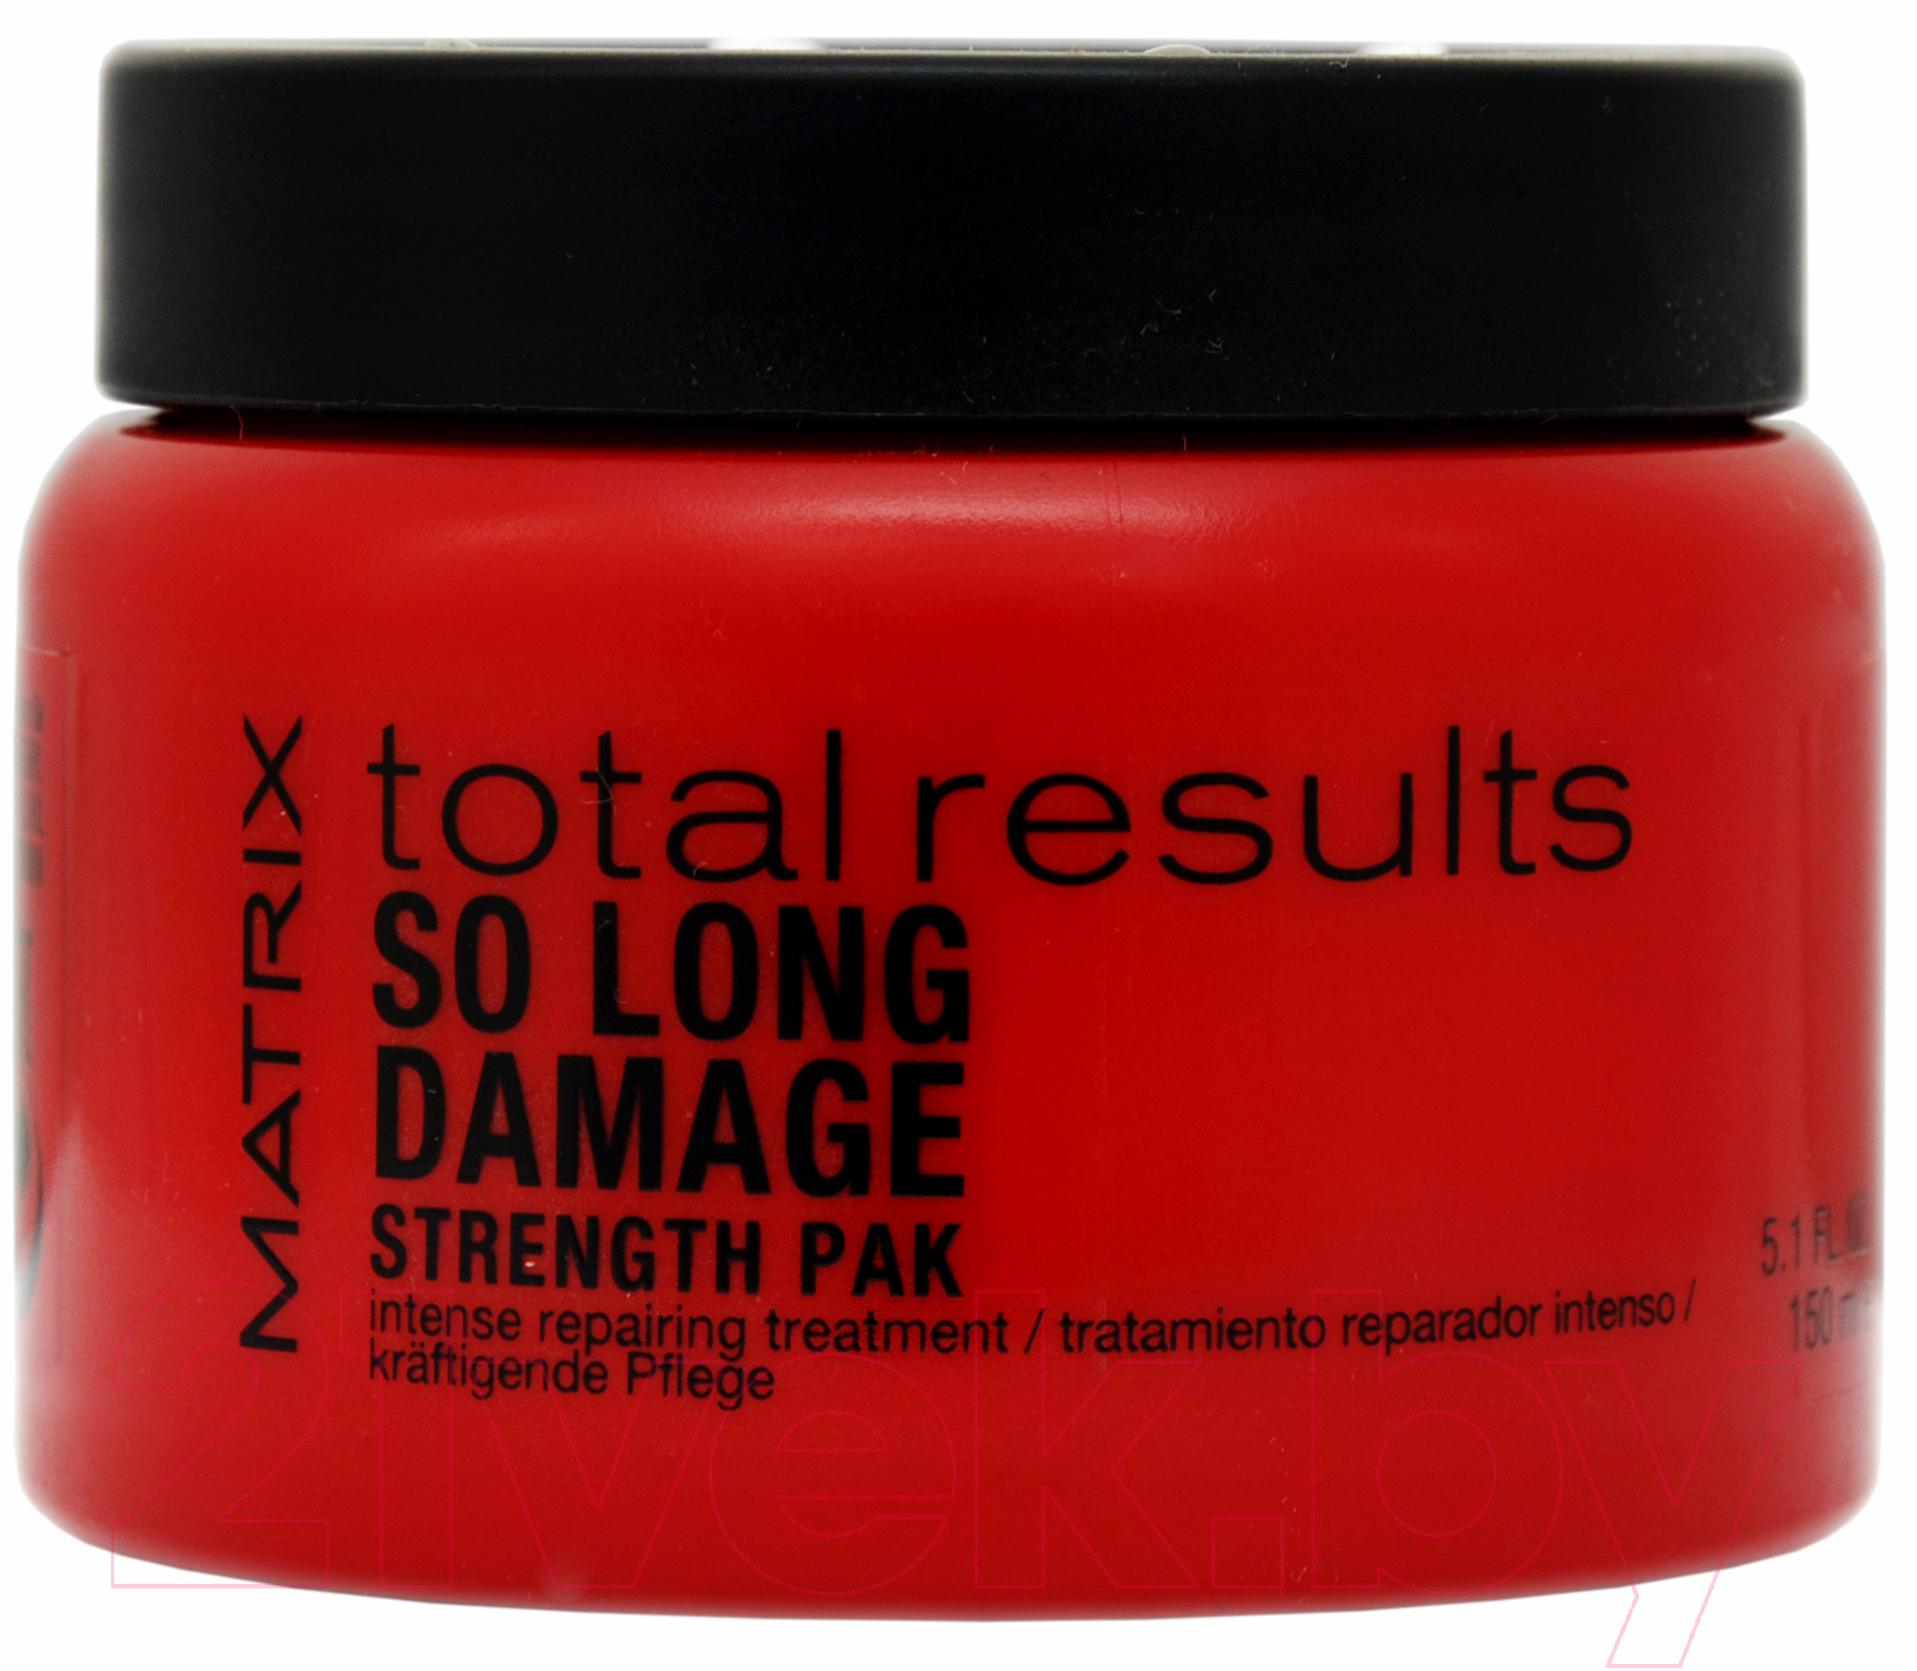 Купить Маска для волос MATRIX, Total Results So Long Damage Strength Pak (150мл), Испания, Total Results (Matrix)